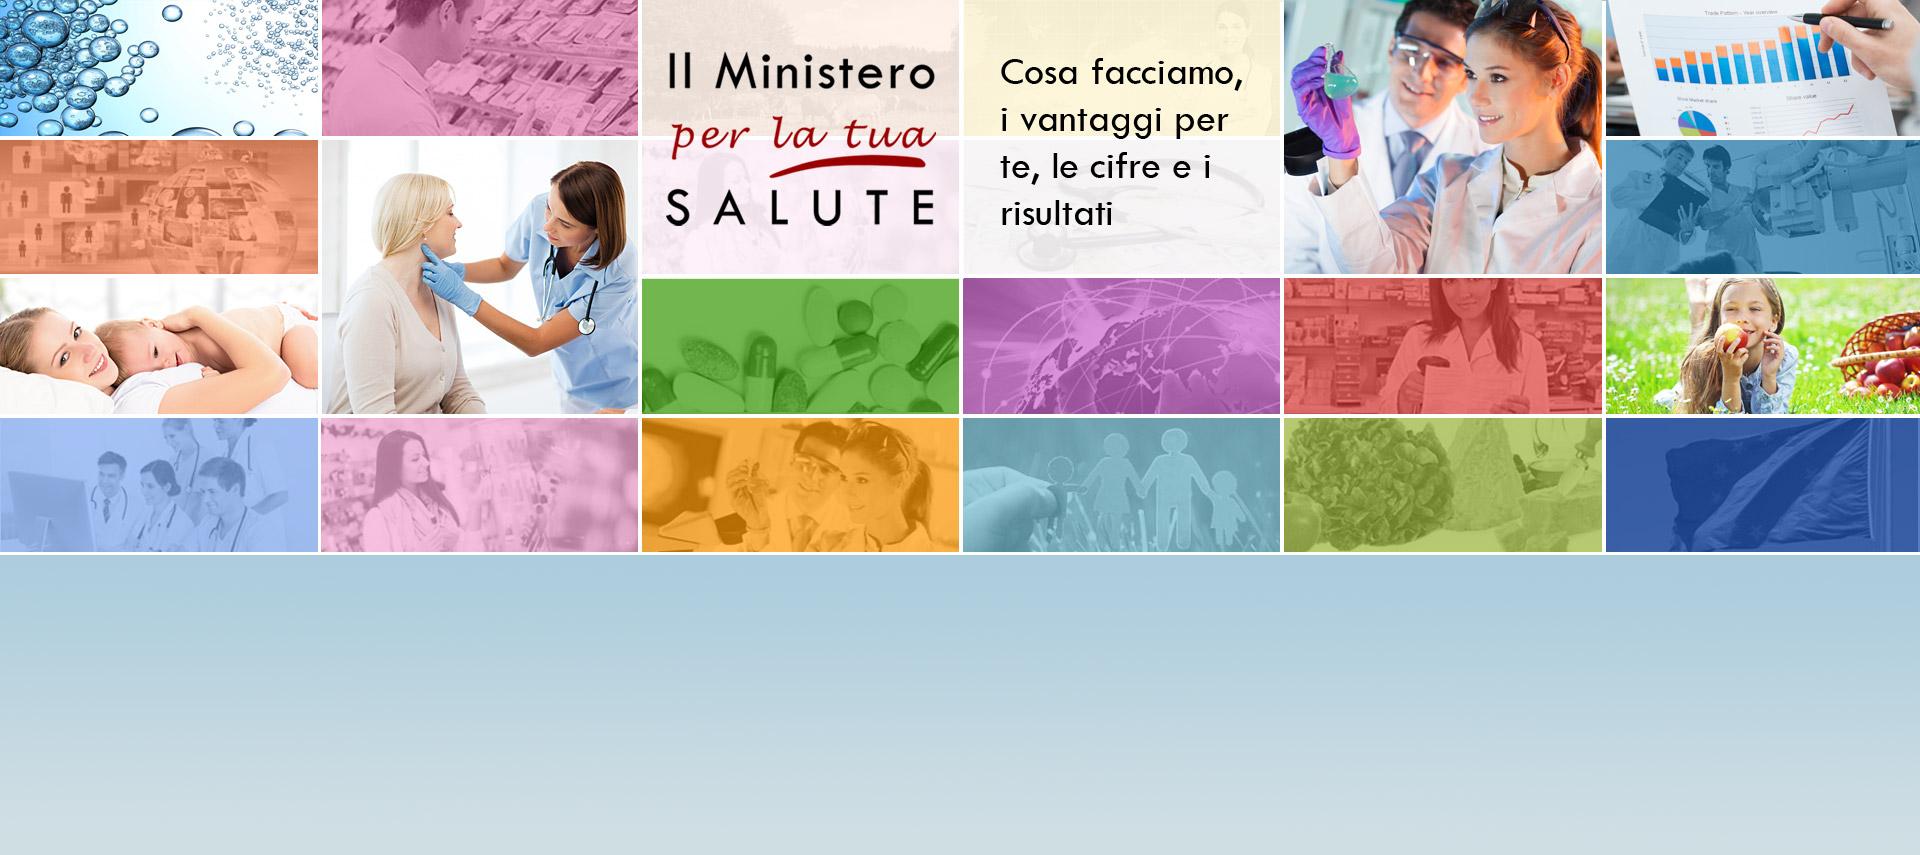 Il Ministero per la tua salute